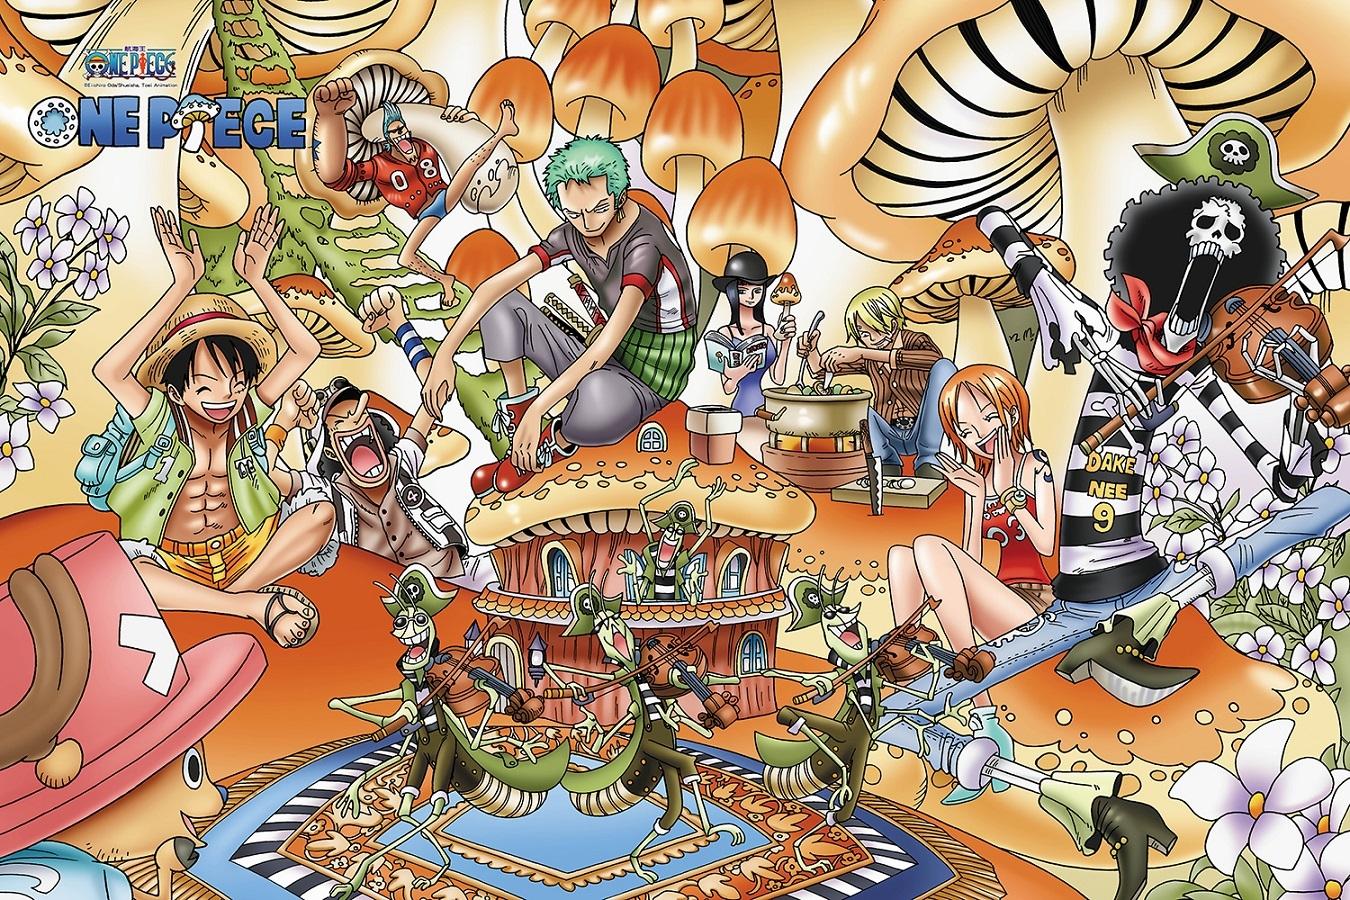 拼圖總動員PUZZLE STORY航海王-四季之秋PuzzleStory海賊王One Piece 1000P